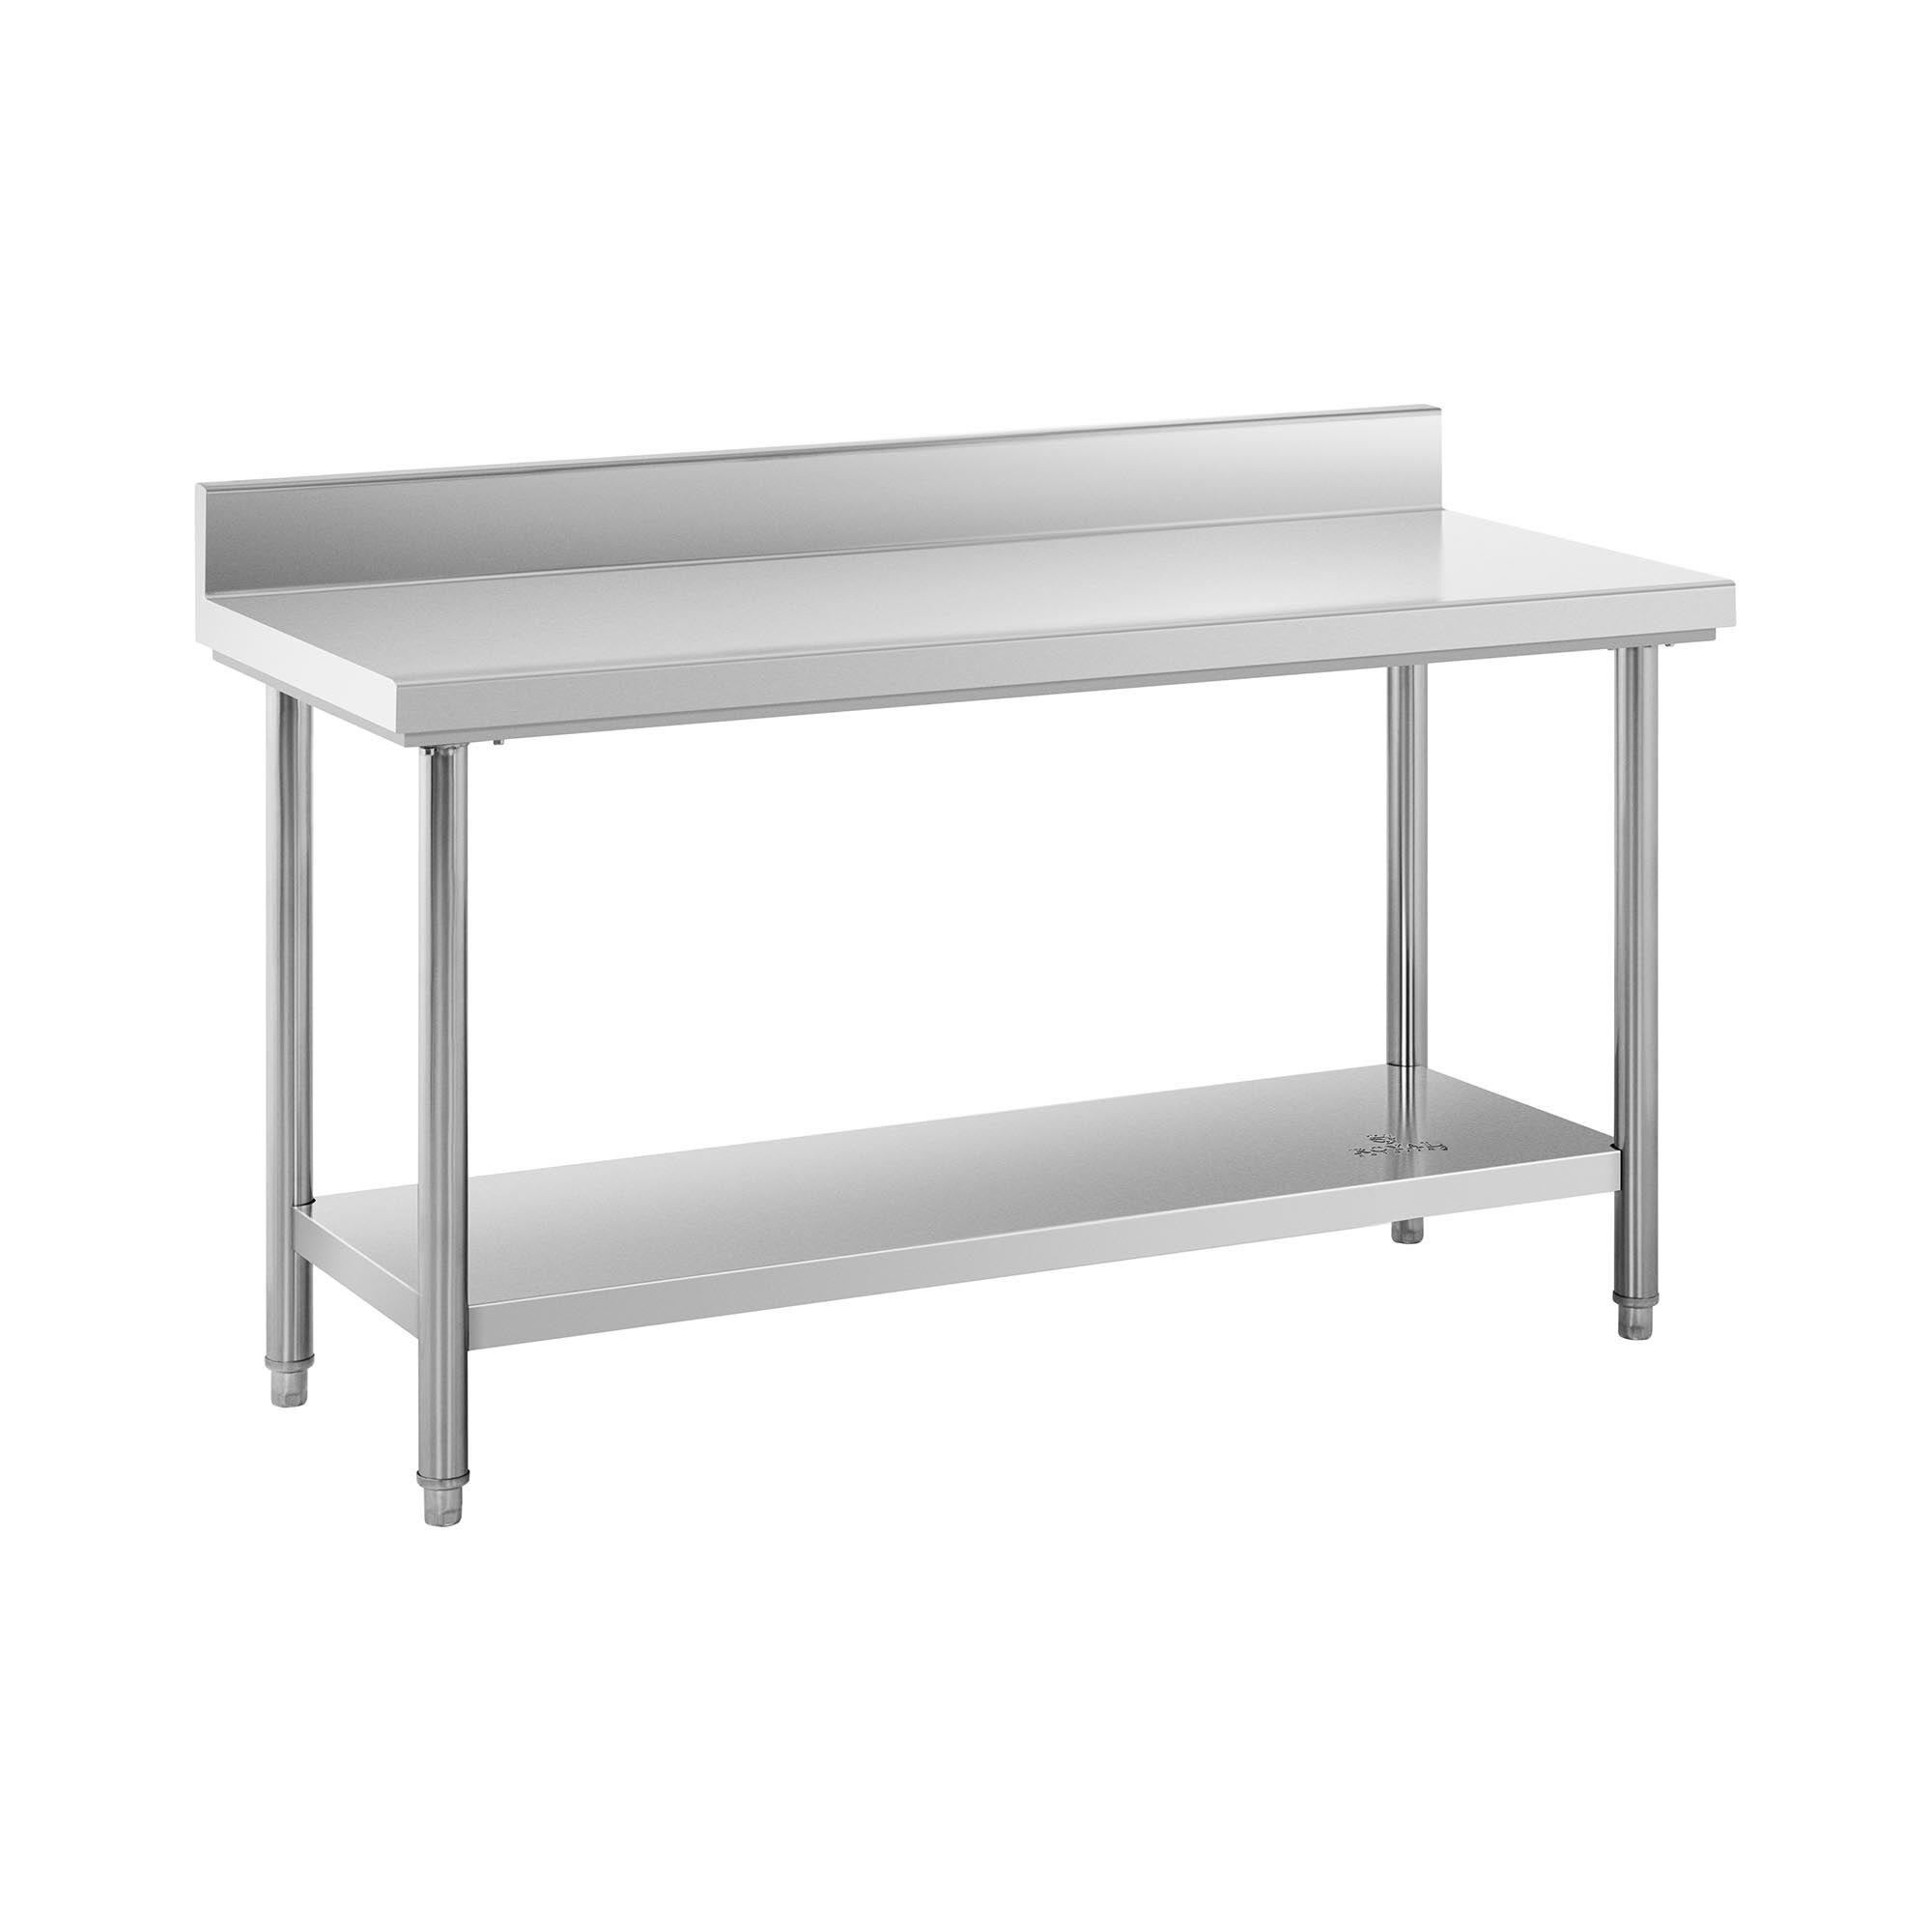 Royal Catering Table de travail inox avec dosseret - 150 x 60 cm - Capacité de 159 kg RCWT-150X60SB